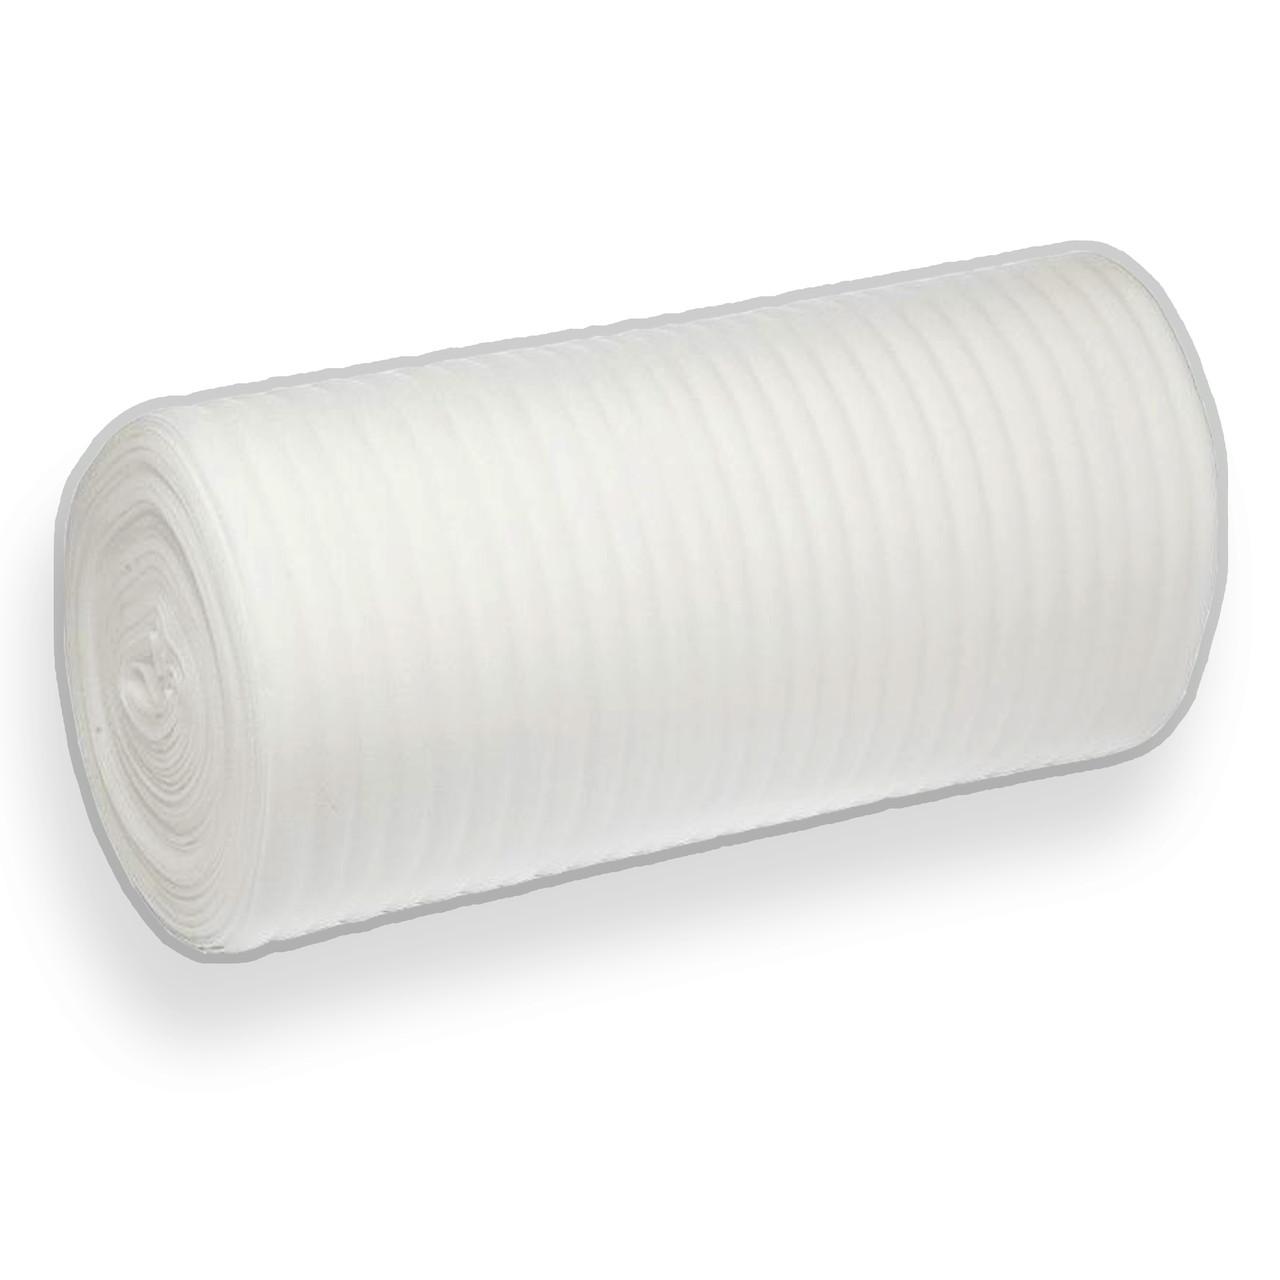 Изолон 8мм, вспененный полиэтилен - не сшитый